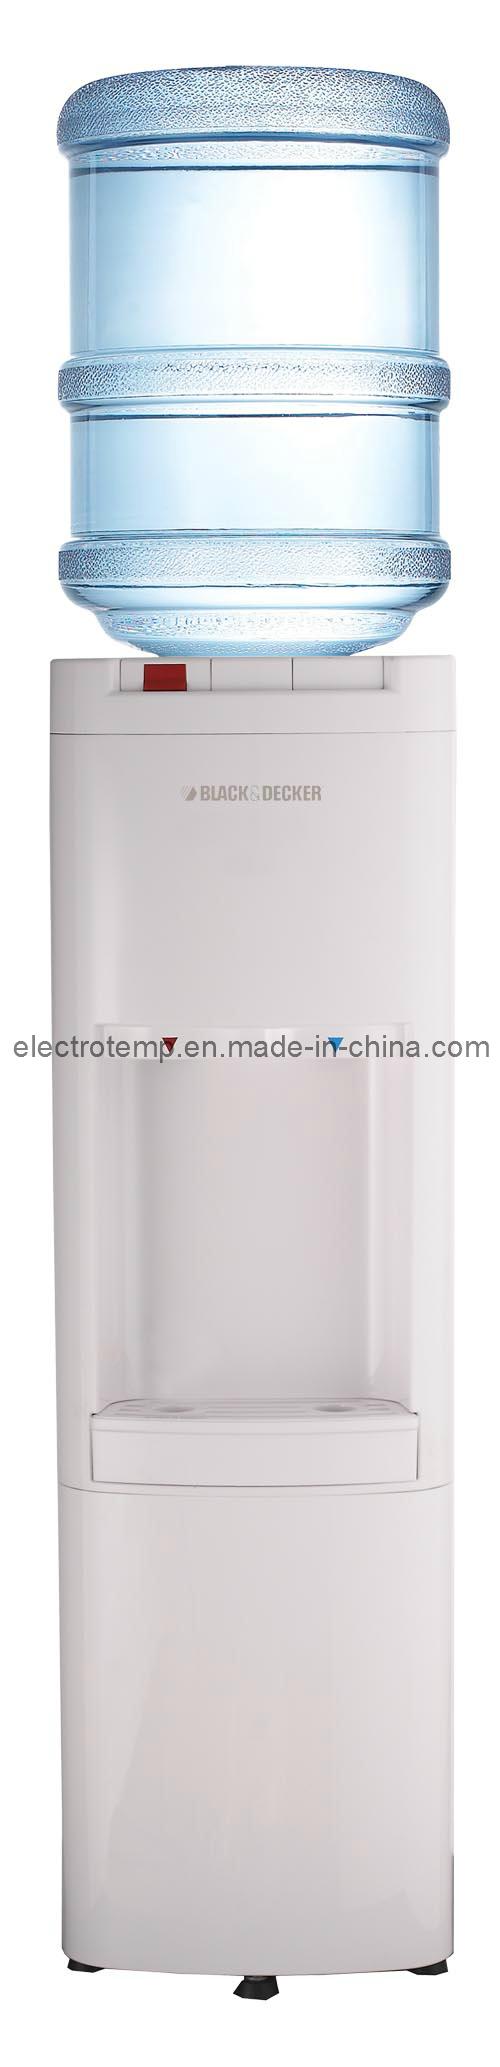 refroidisseur d 39 eau de distributeur de l 39 eau 7liechk w refroidisseur d 39 eau de distributeur de. Black Bedroom Furniture Sets. Home Design Ideas